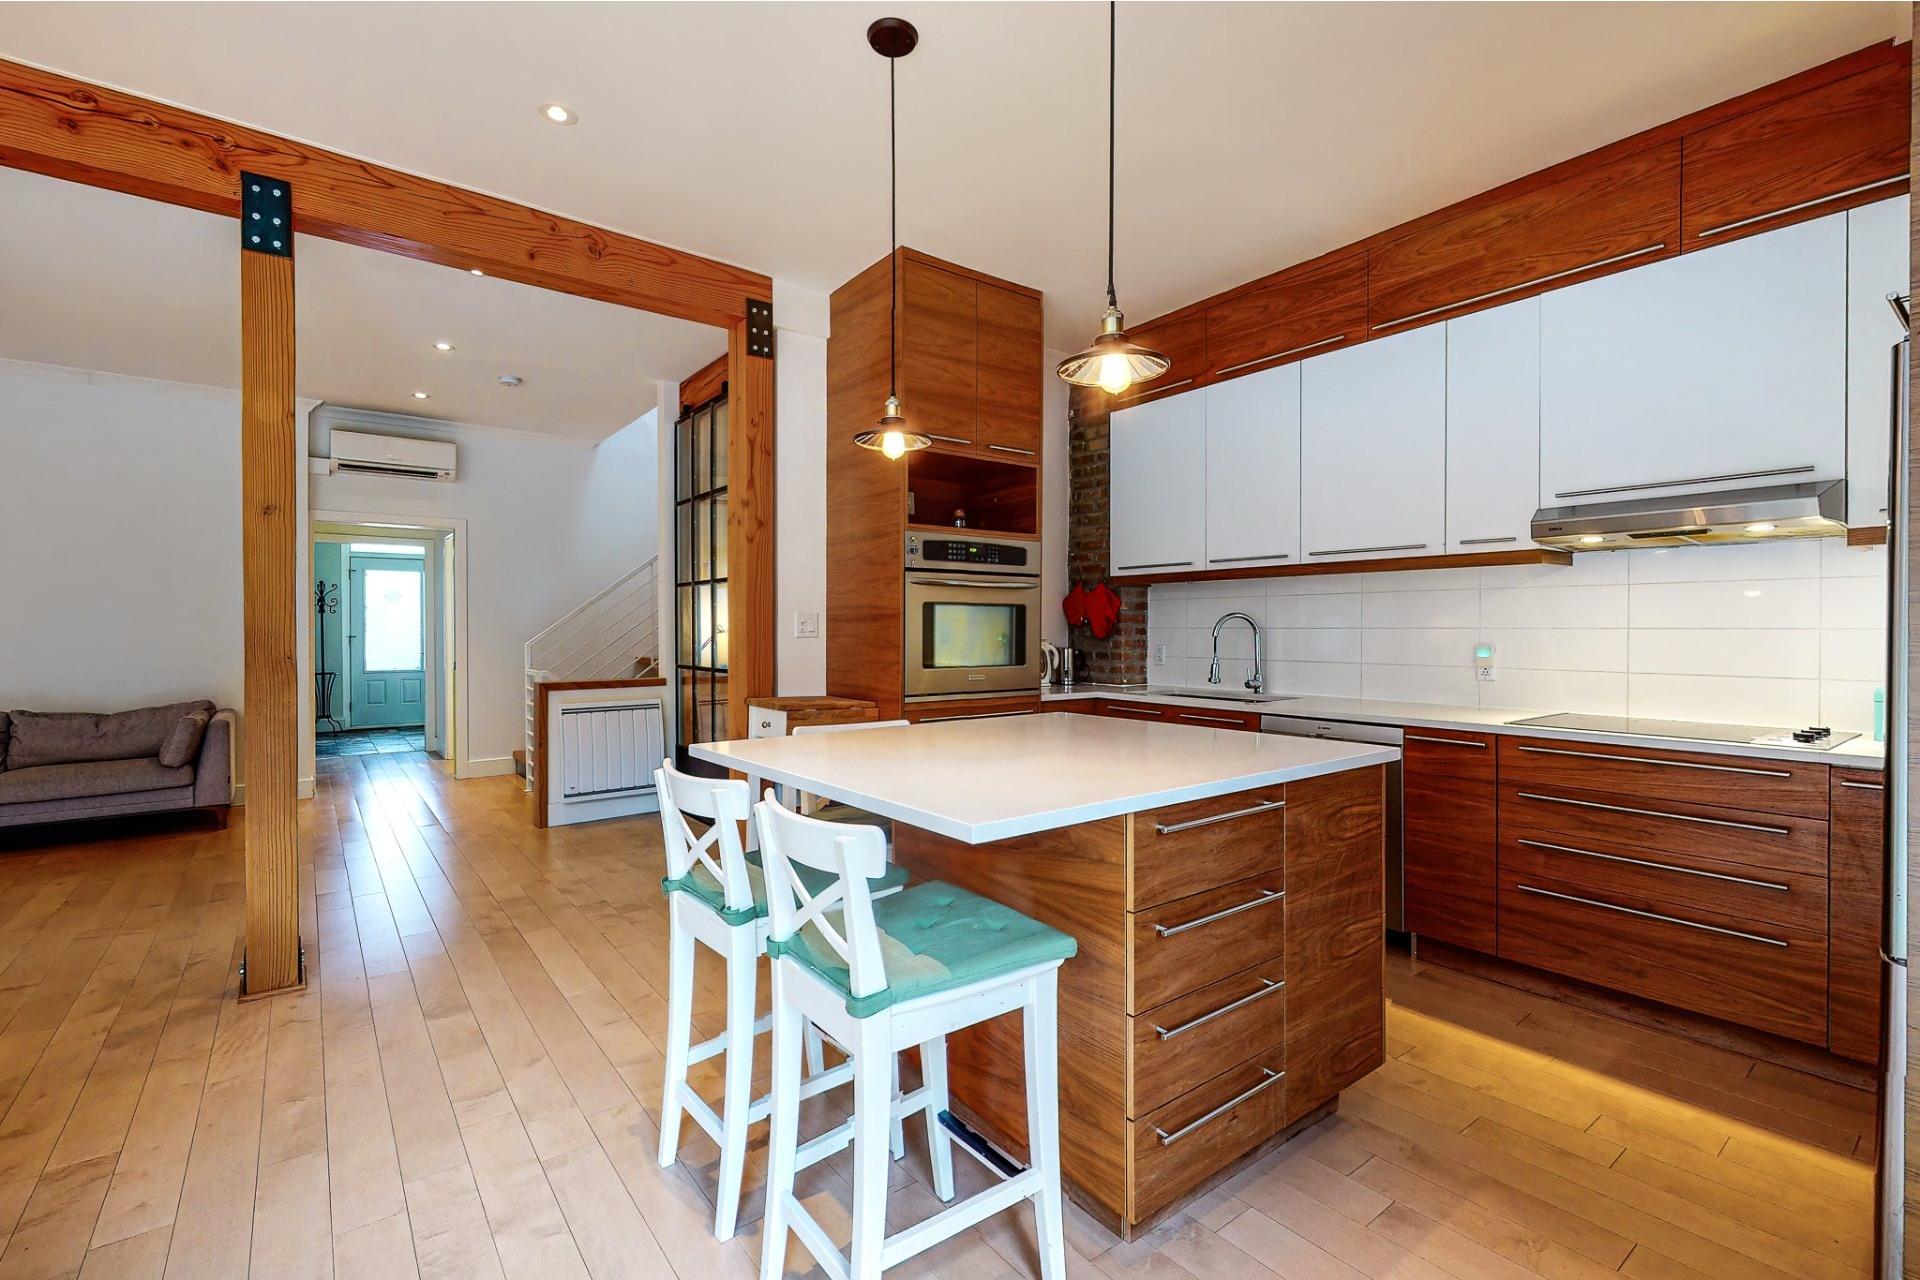 image 5 - House For sale Le Plateau-Mont-Royal Montréal  - 10 rooms